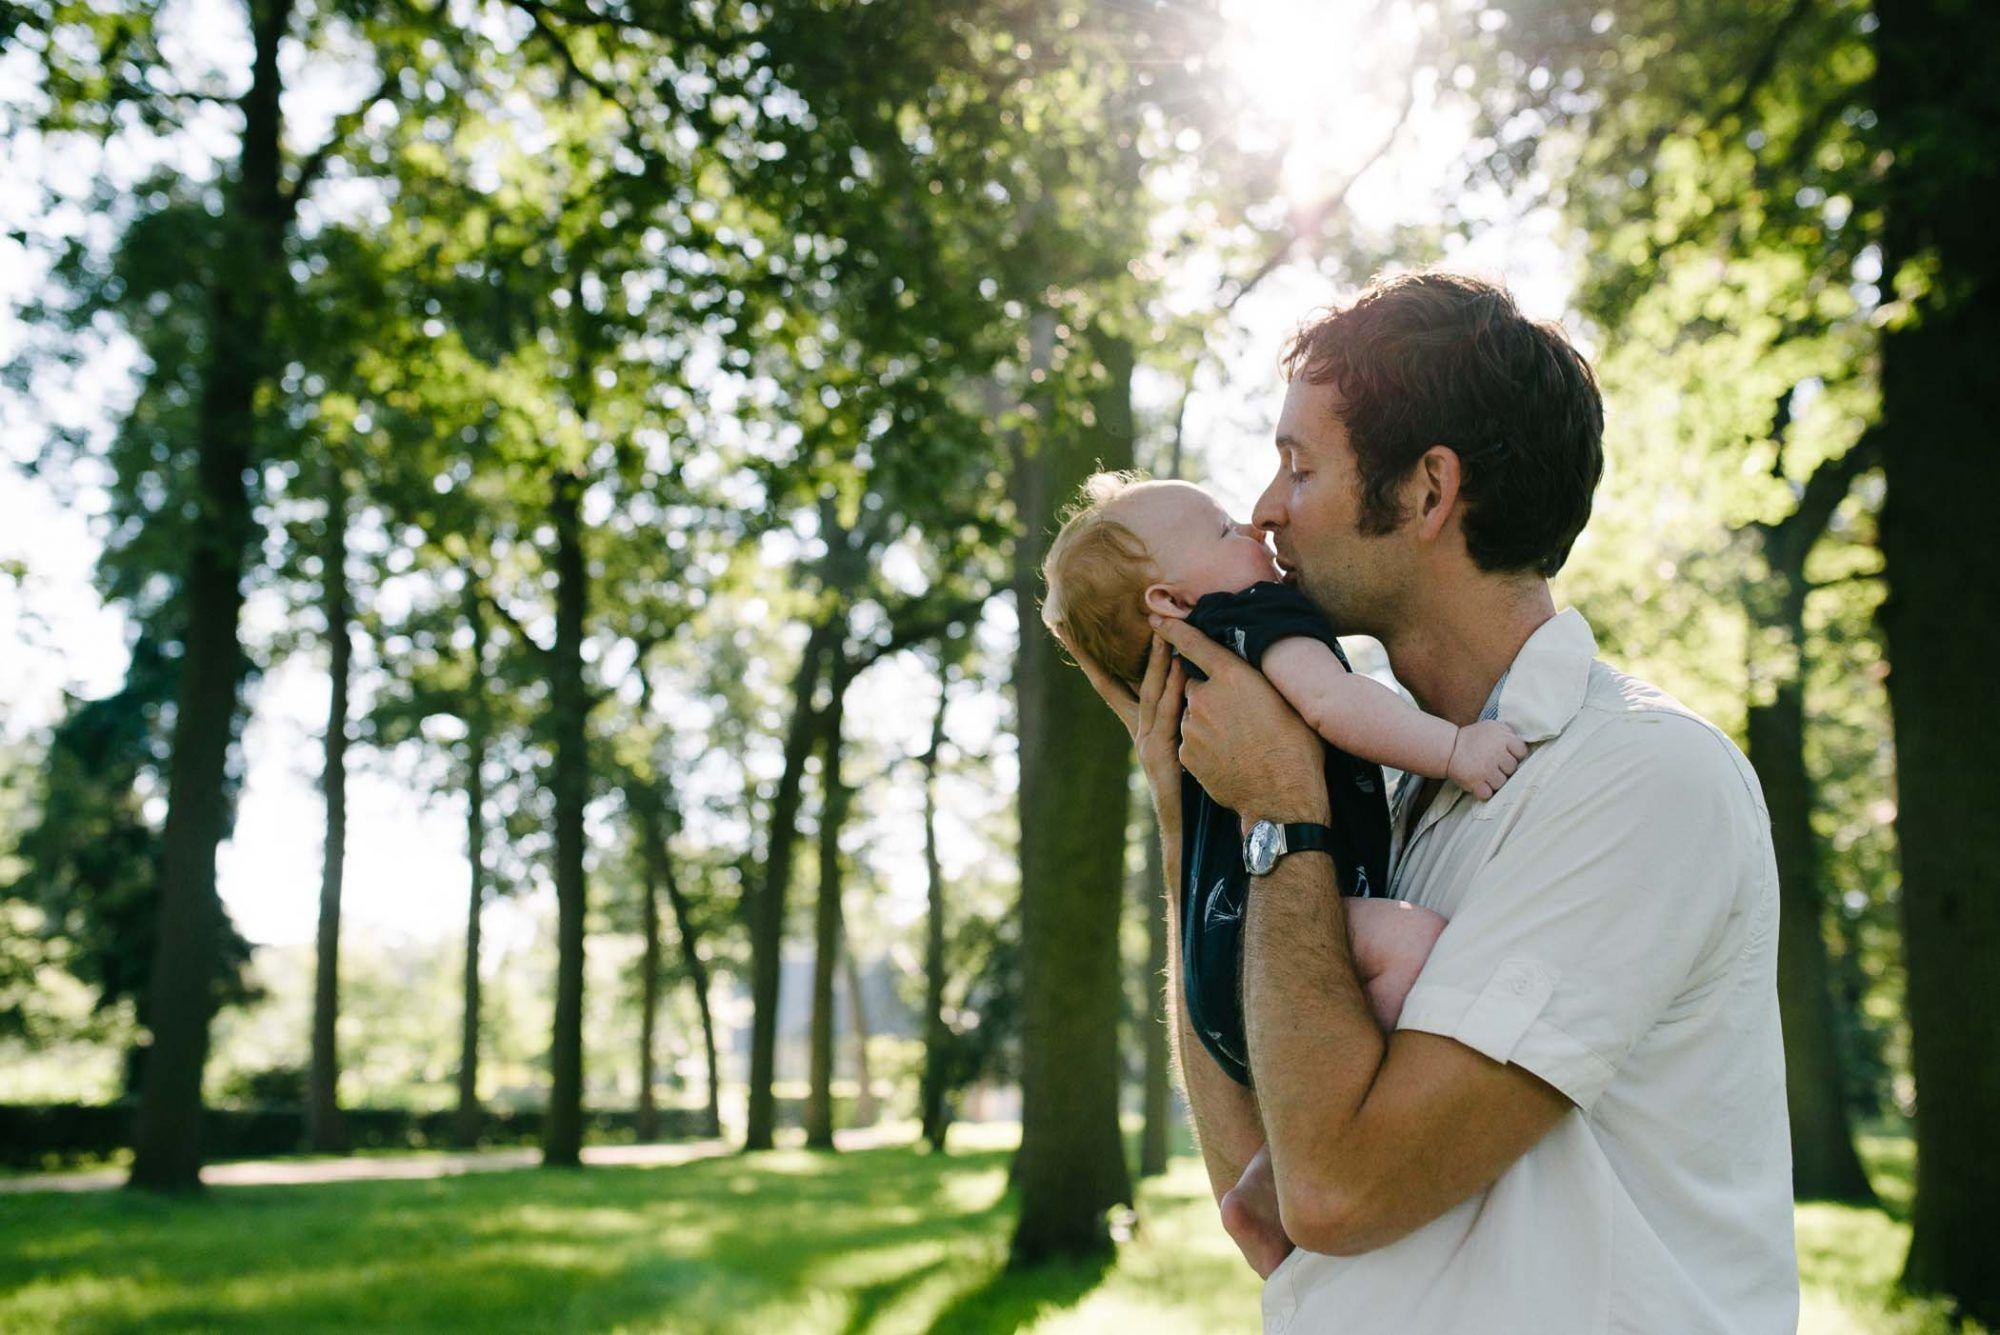 gezinsfotograaf buitenlocatie